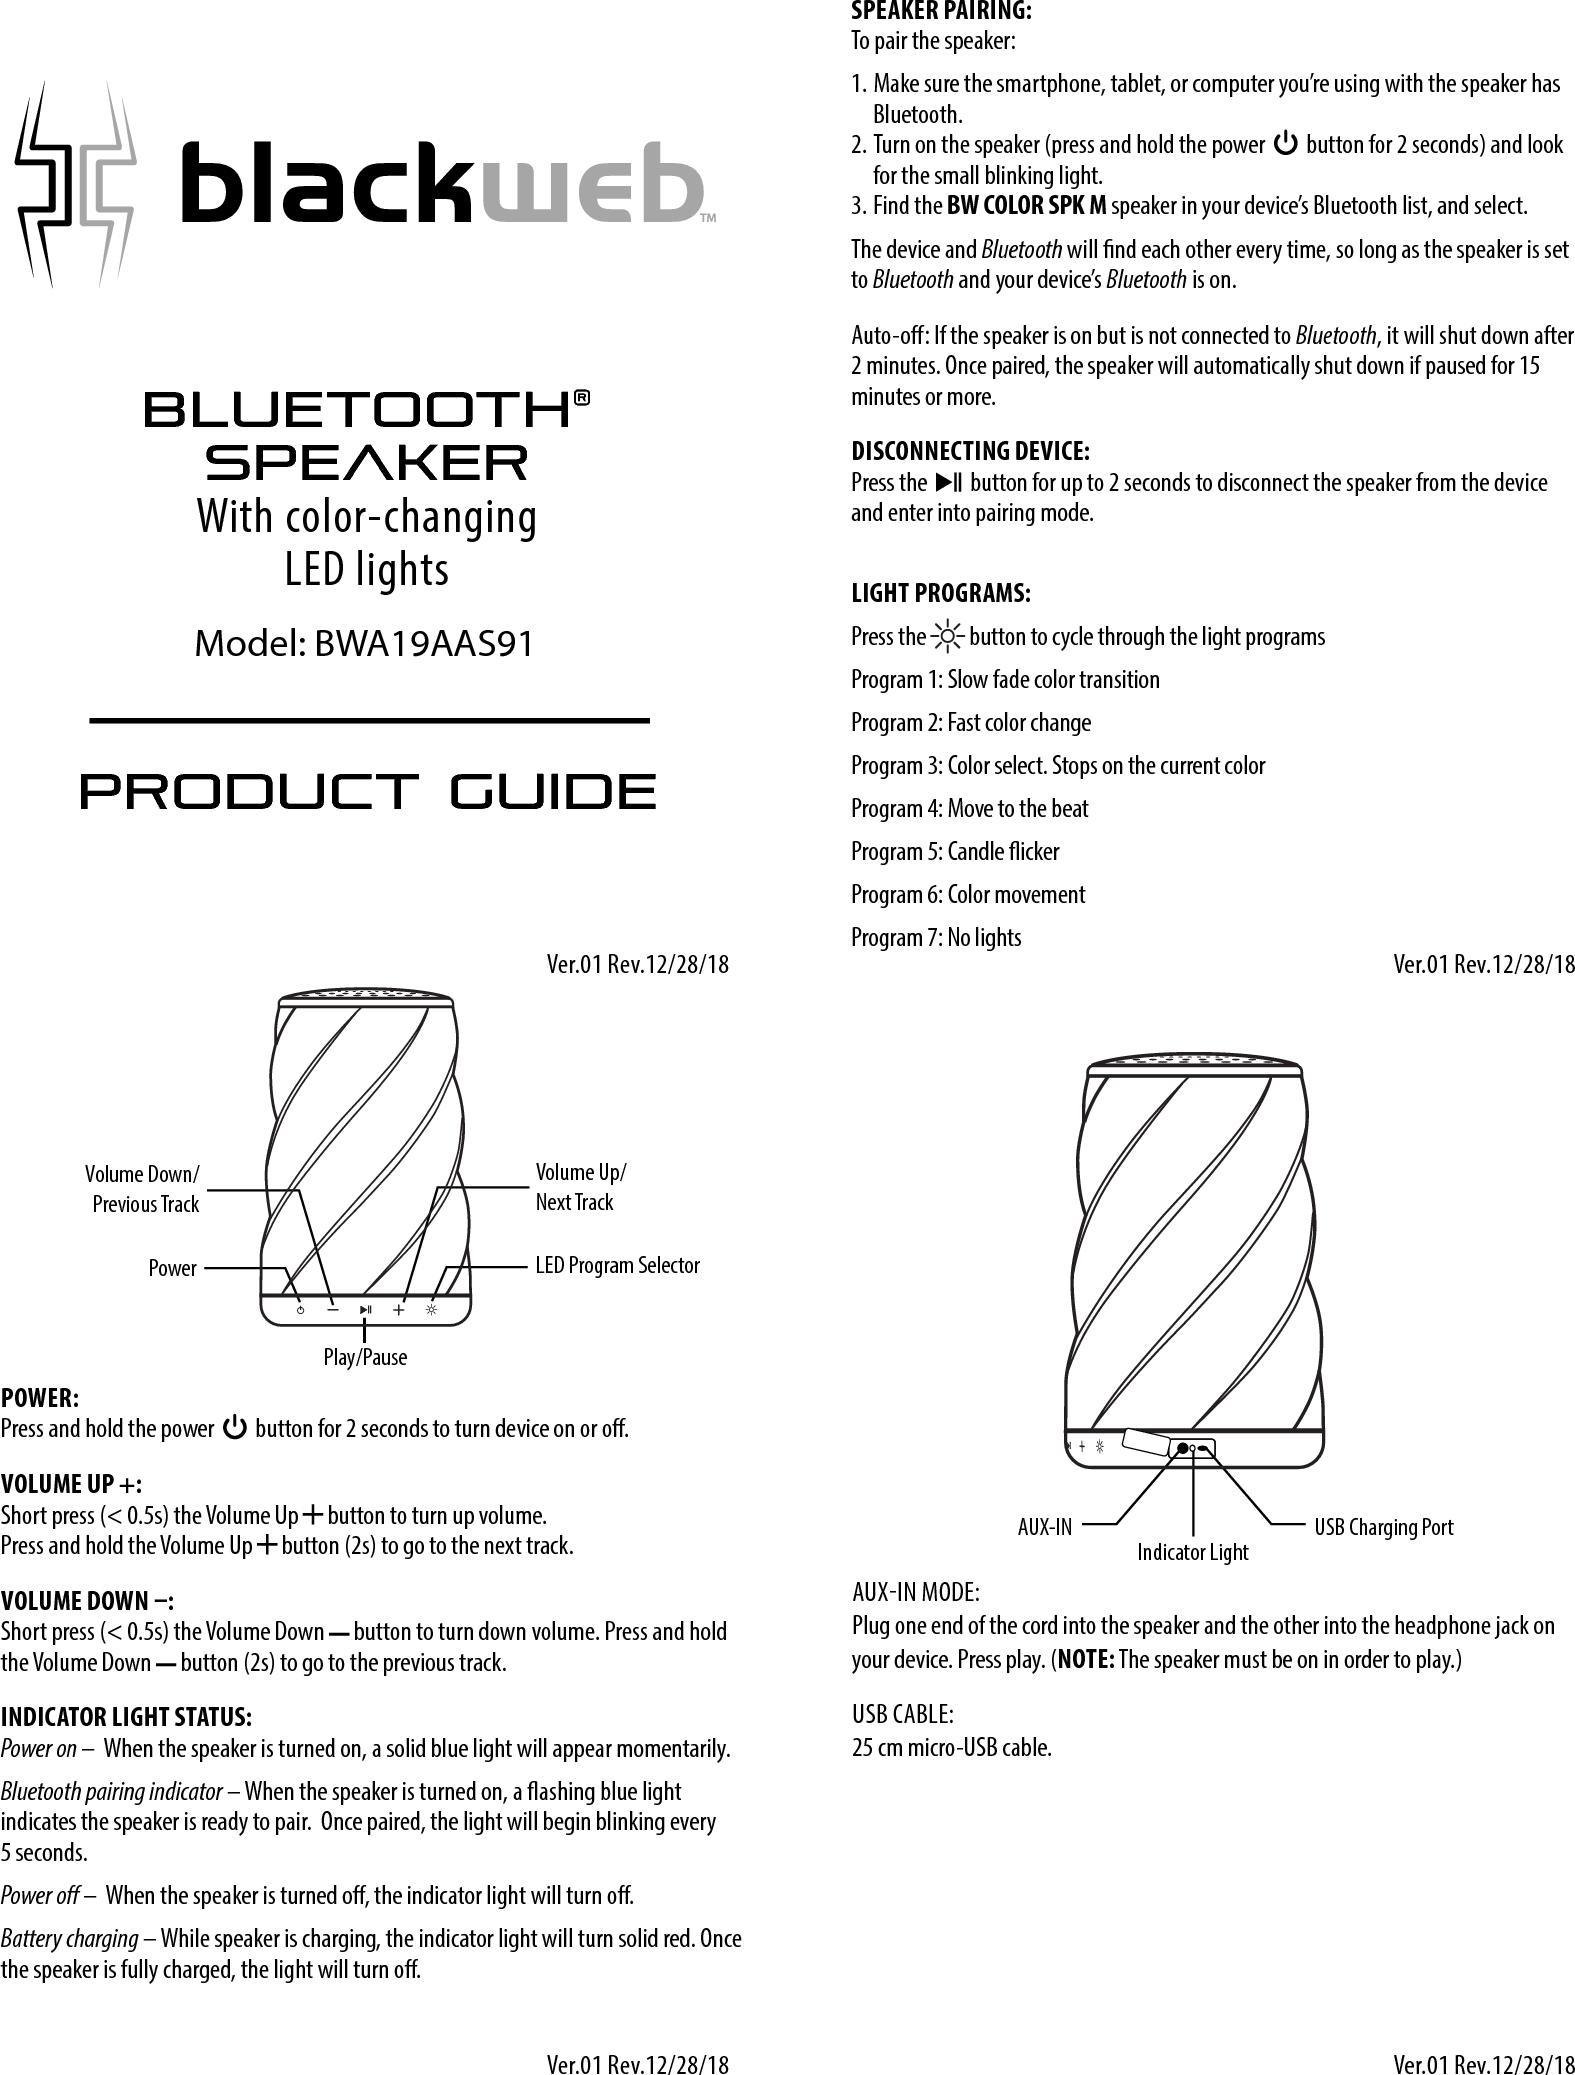 Blackweb Bluetooth Speaker Manual